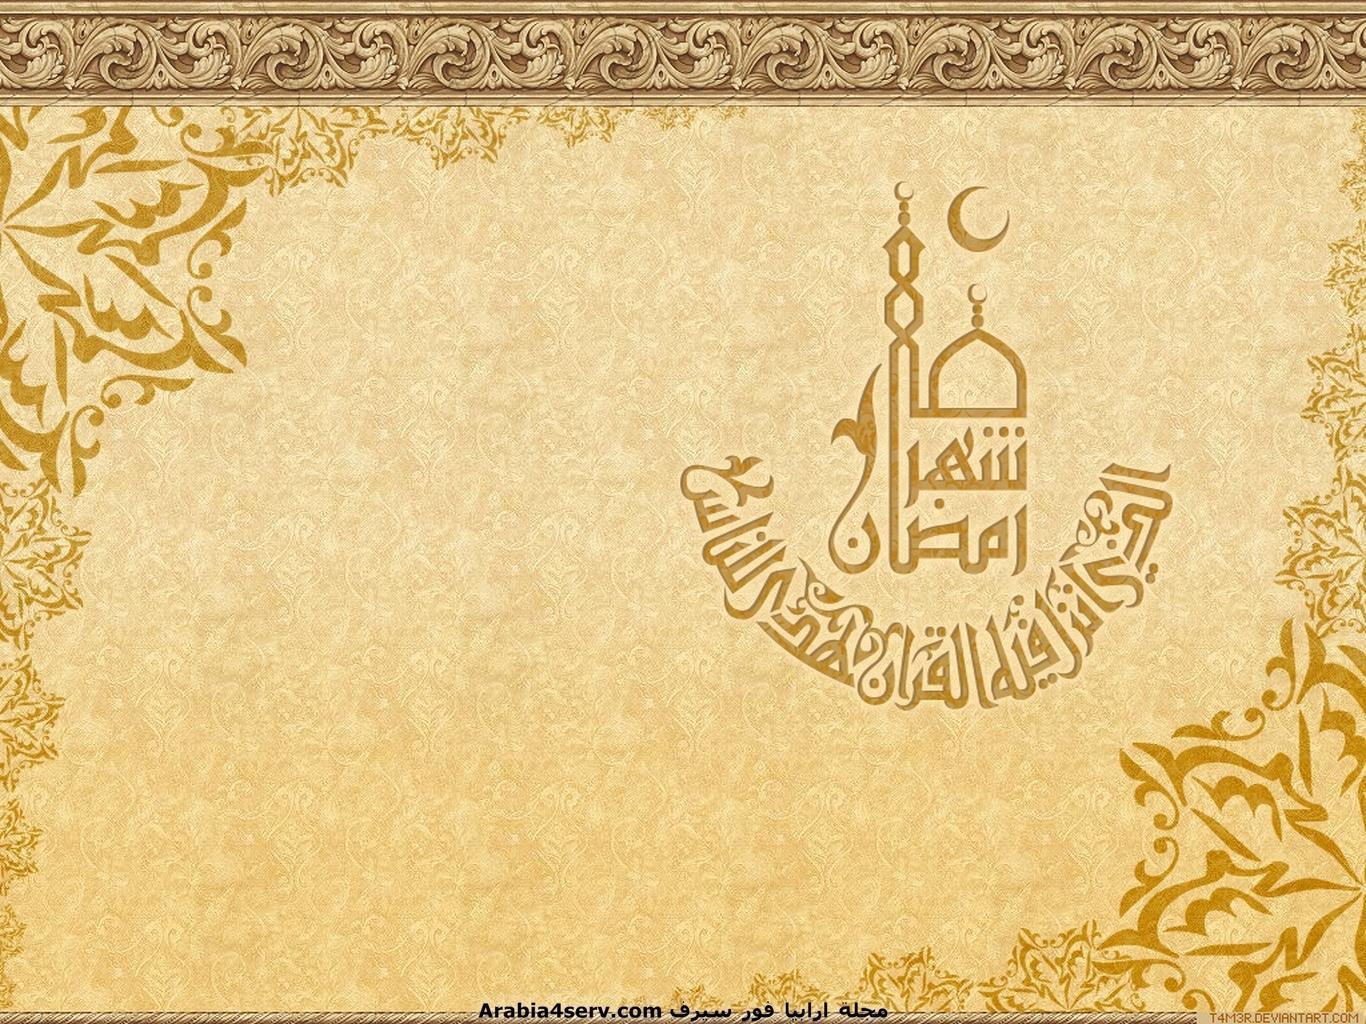 خلفيات-شهر-رمضان-الكريم-11